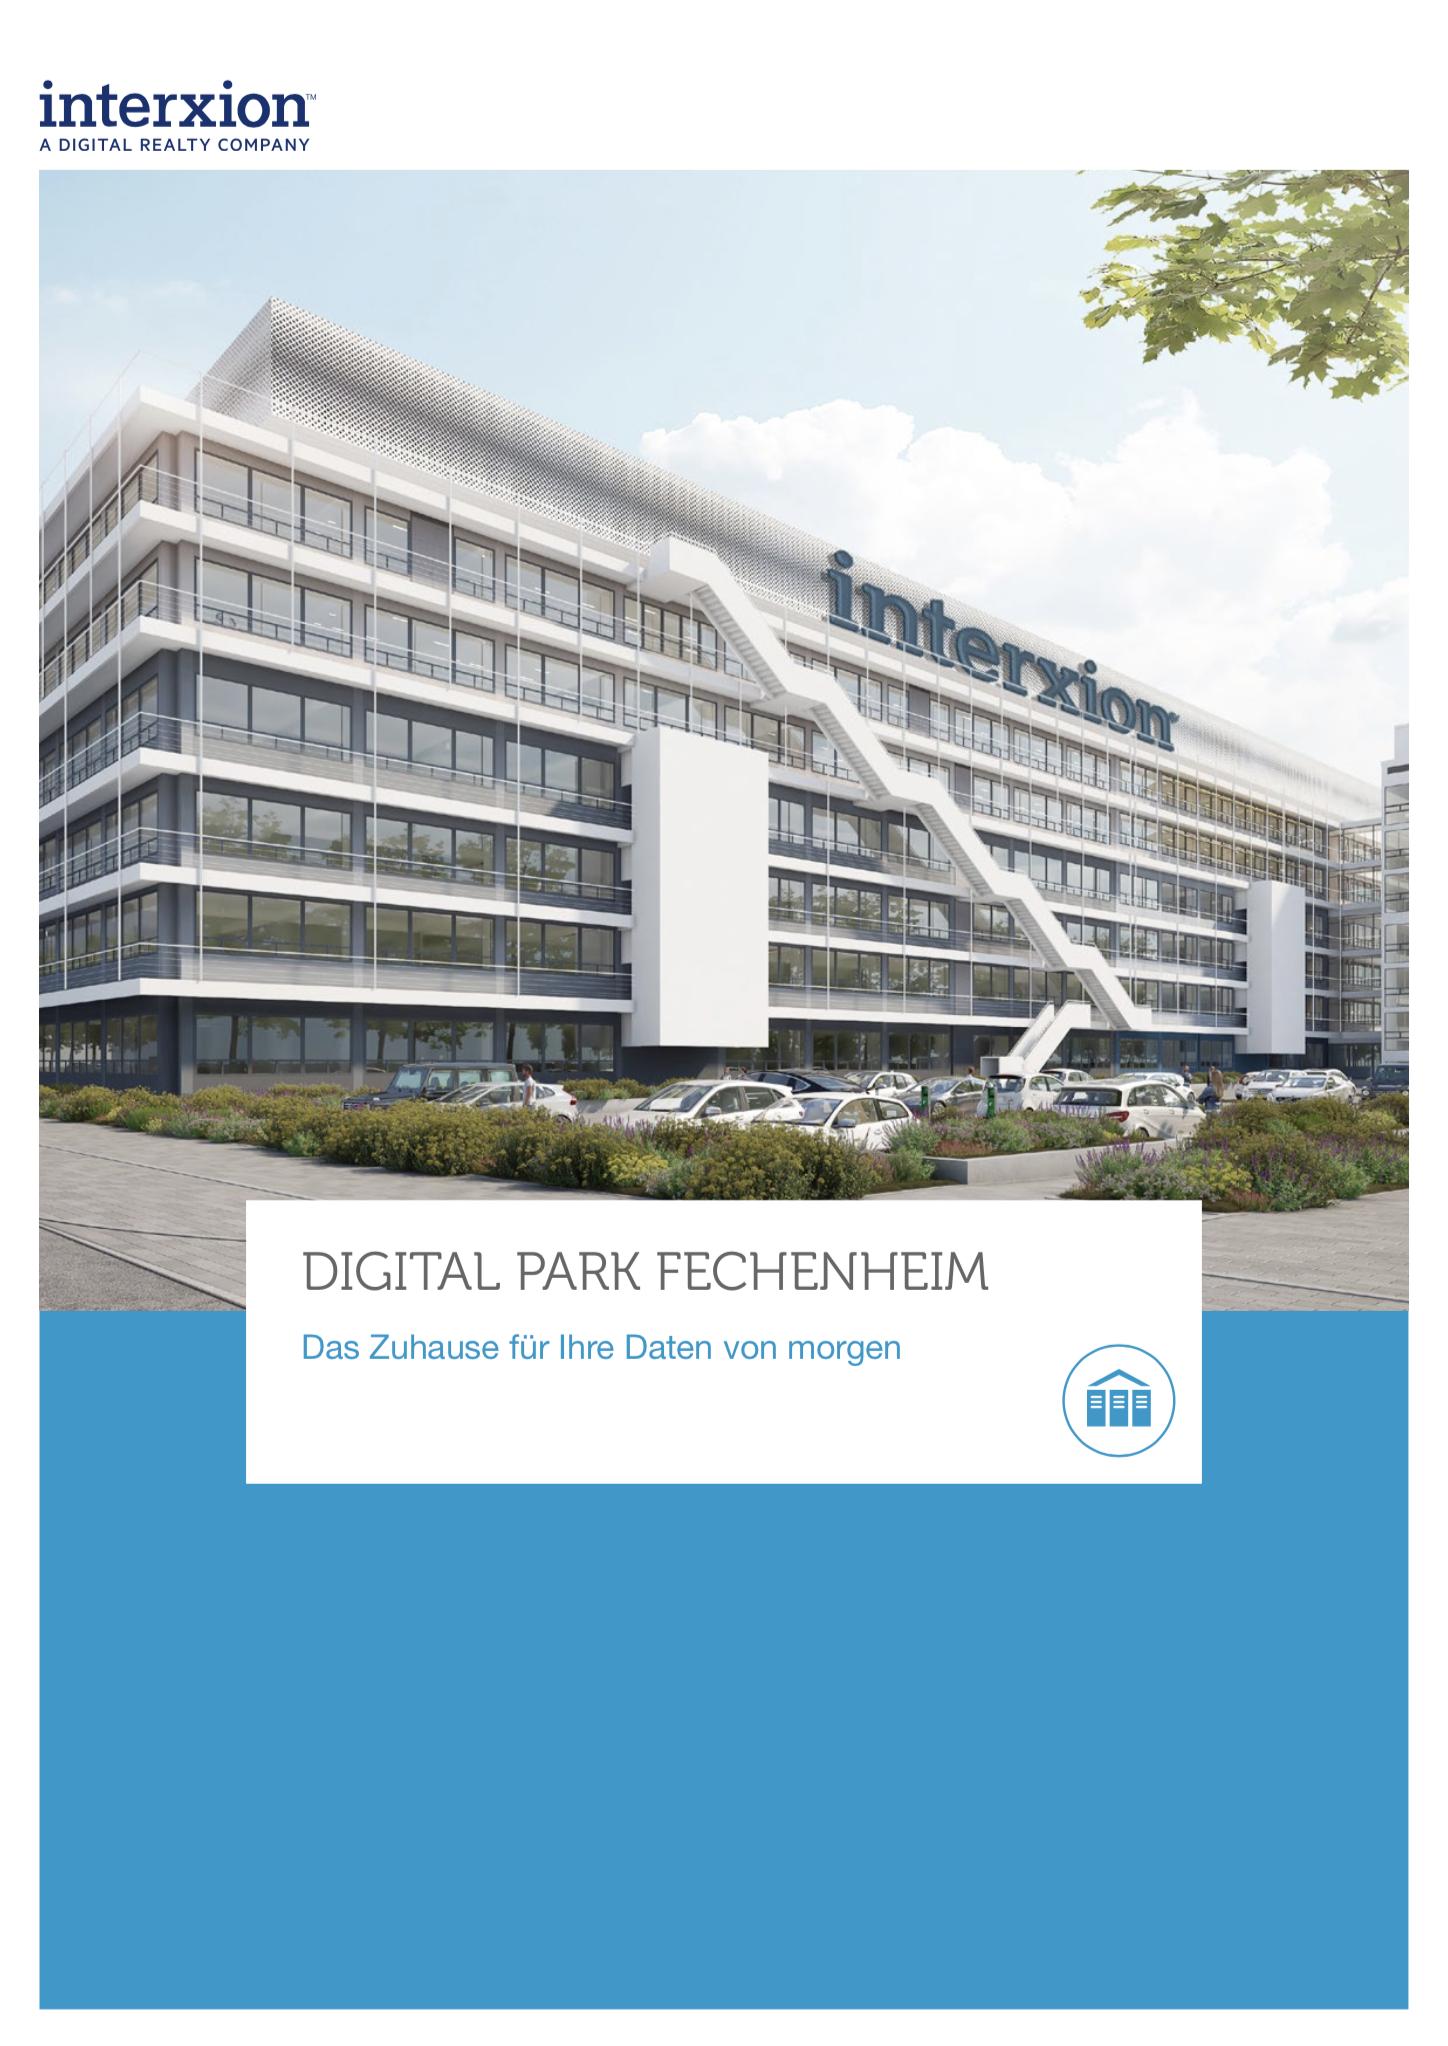 Digital Park Fechenheim - Das Zuhause für Ihre Daten von morgen